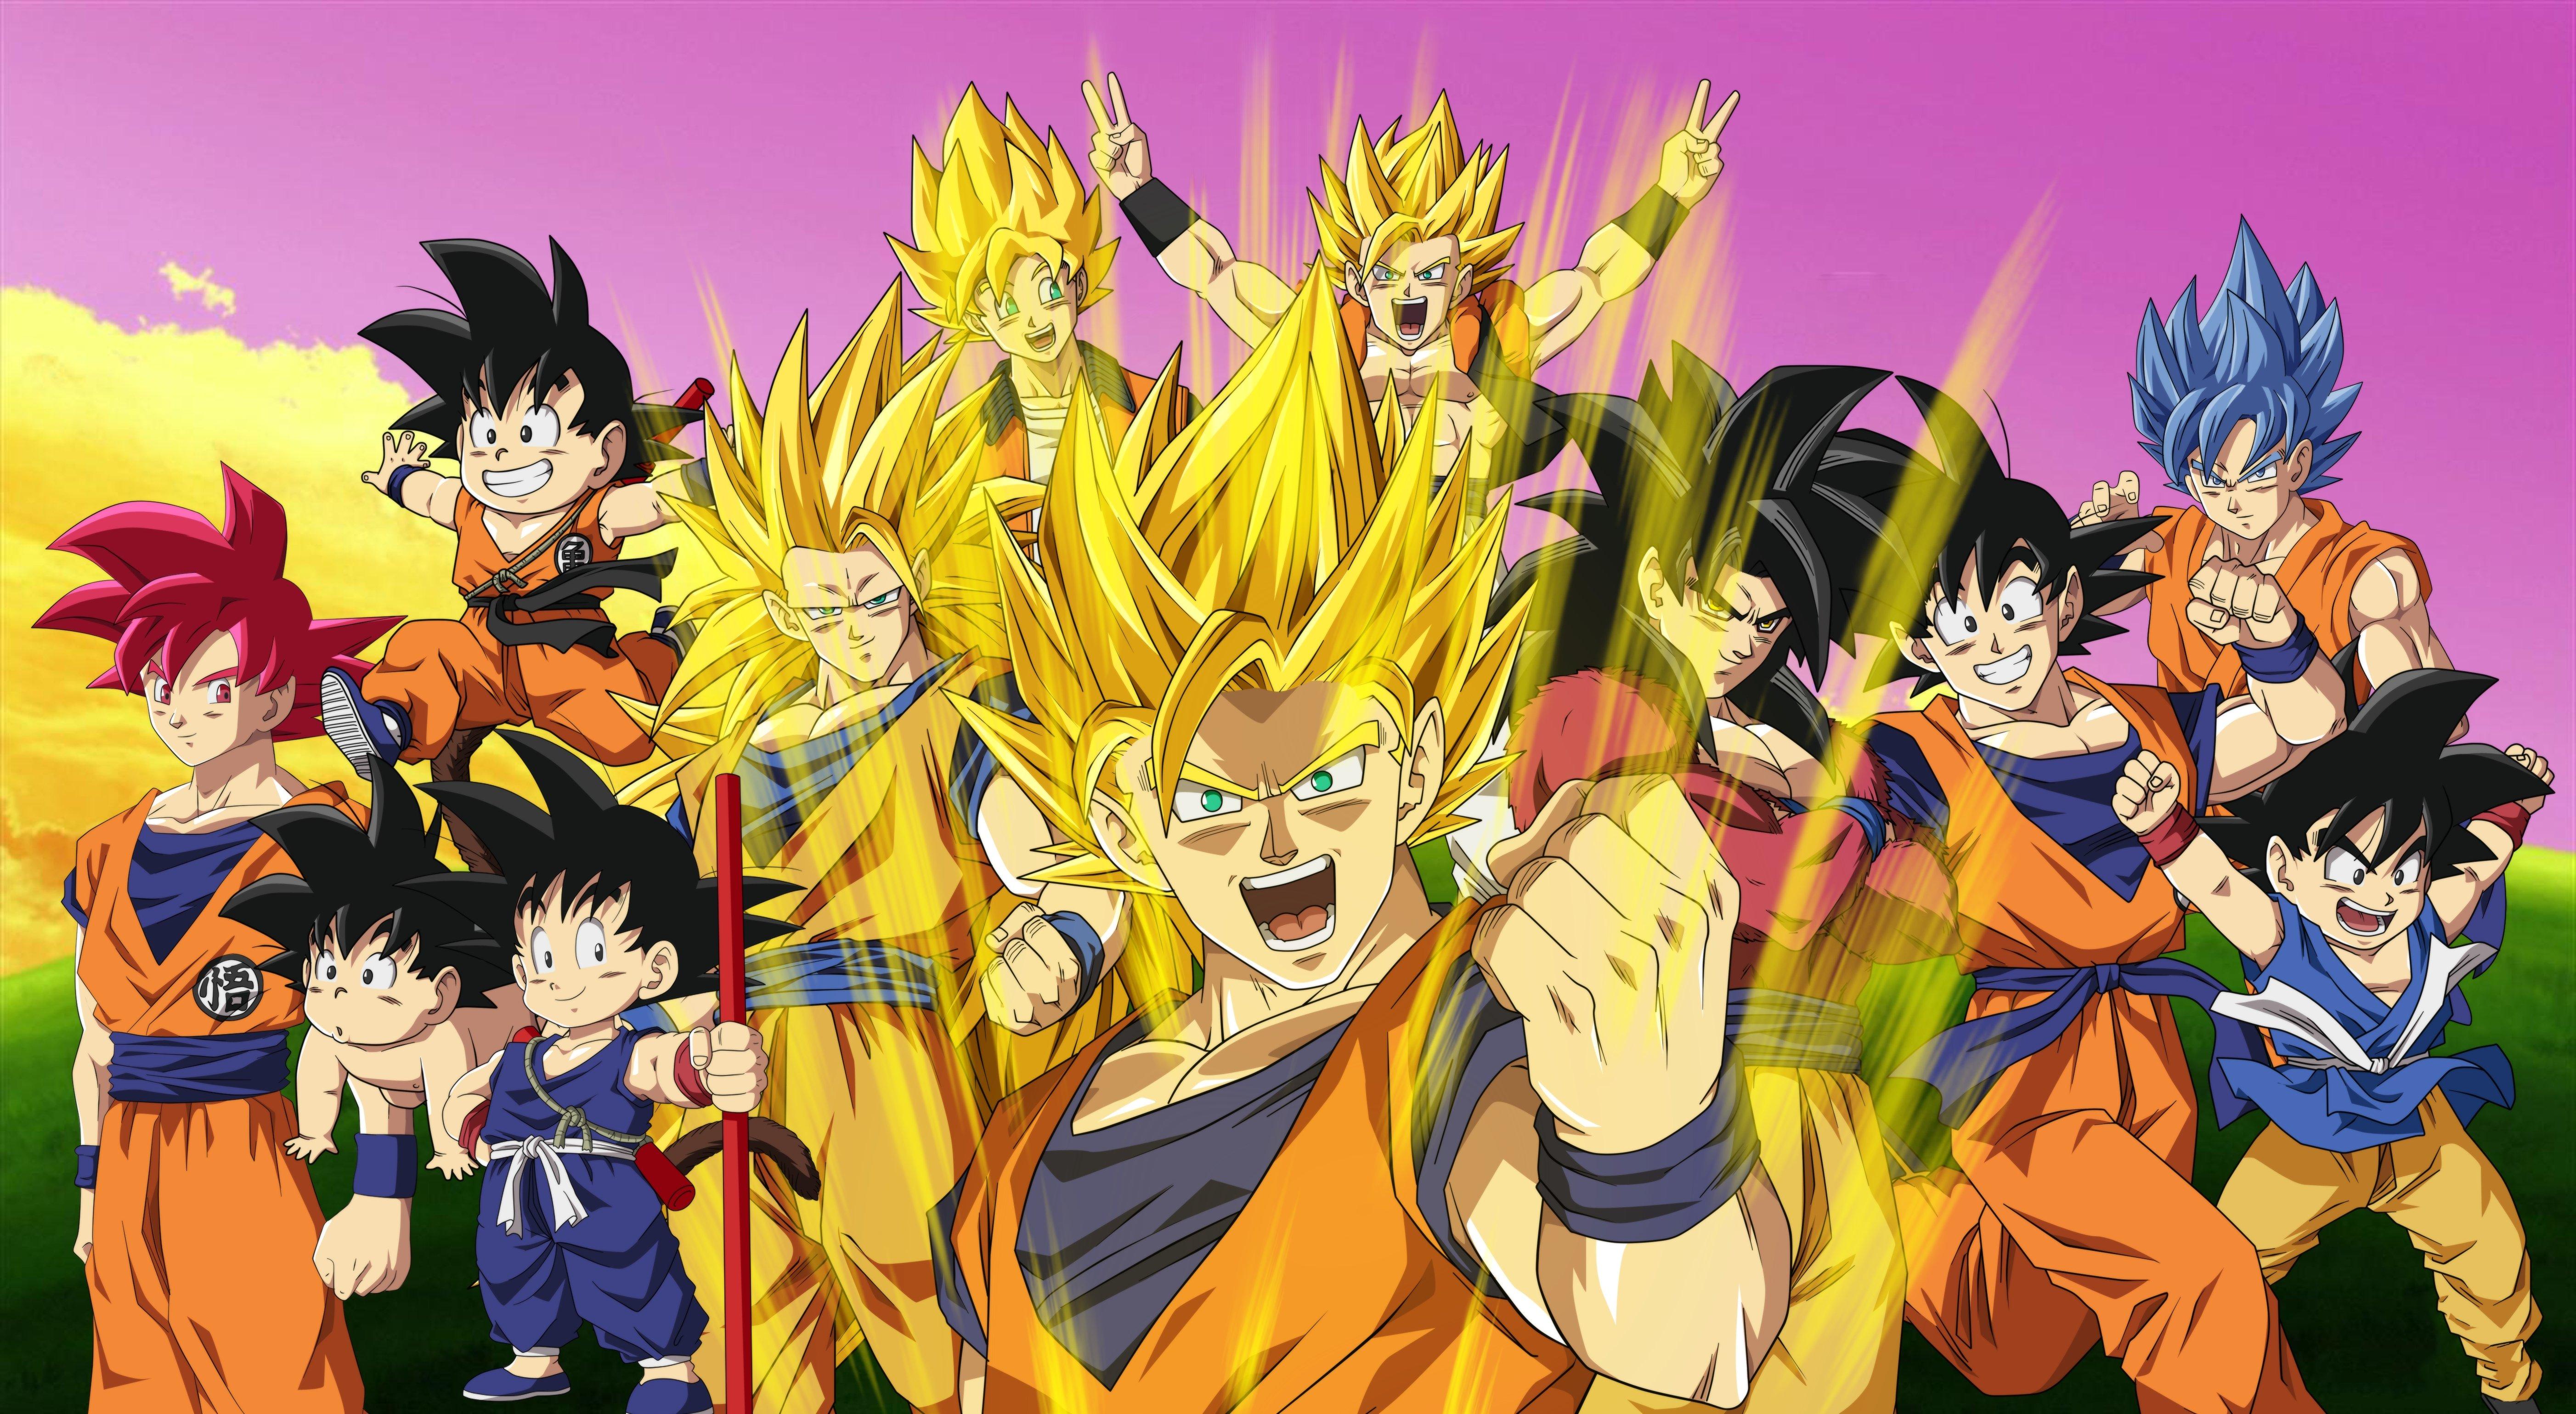 Fondos de pantalla Goku en todas las fases Super saiyajin